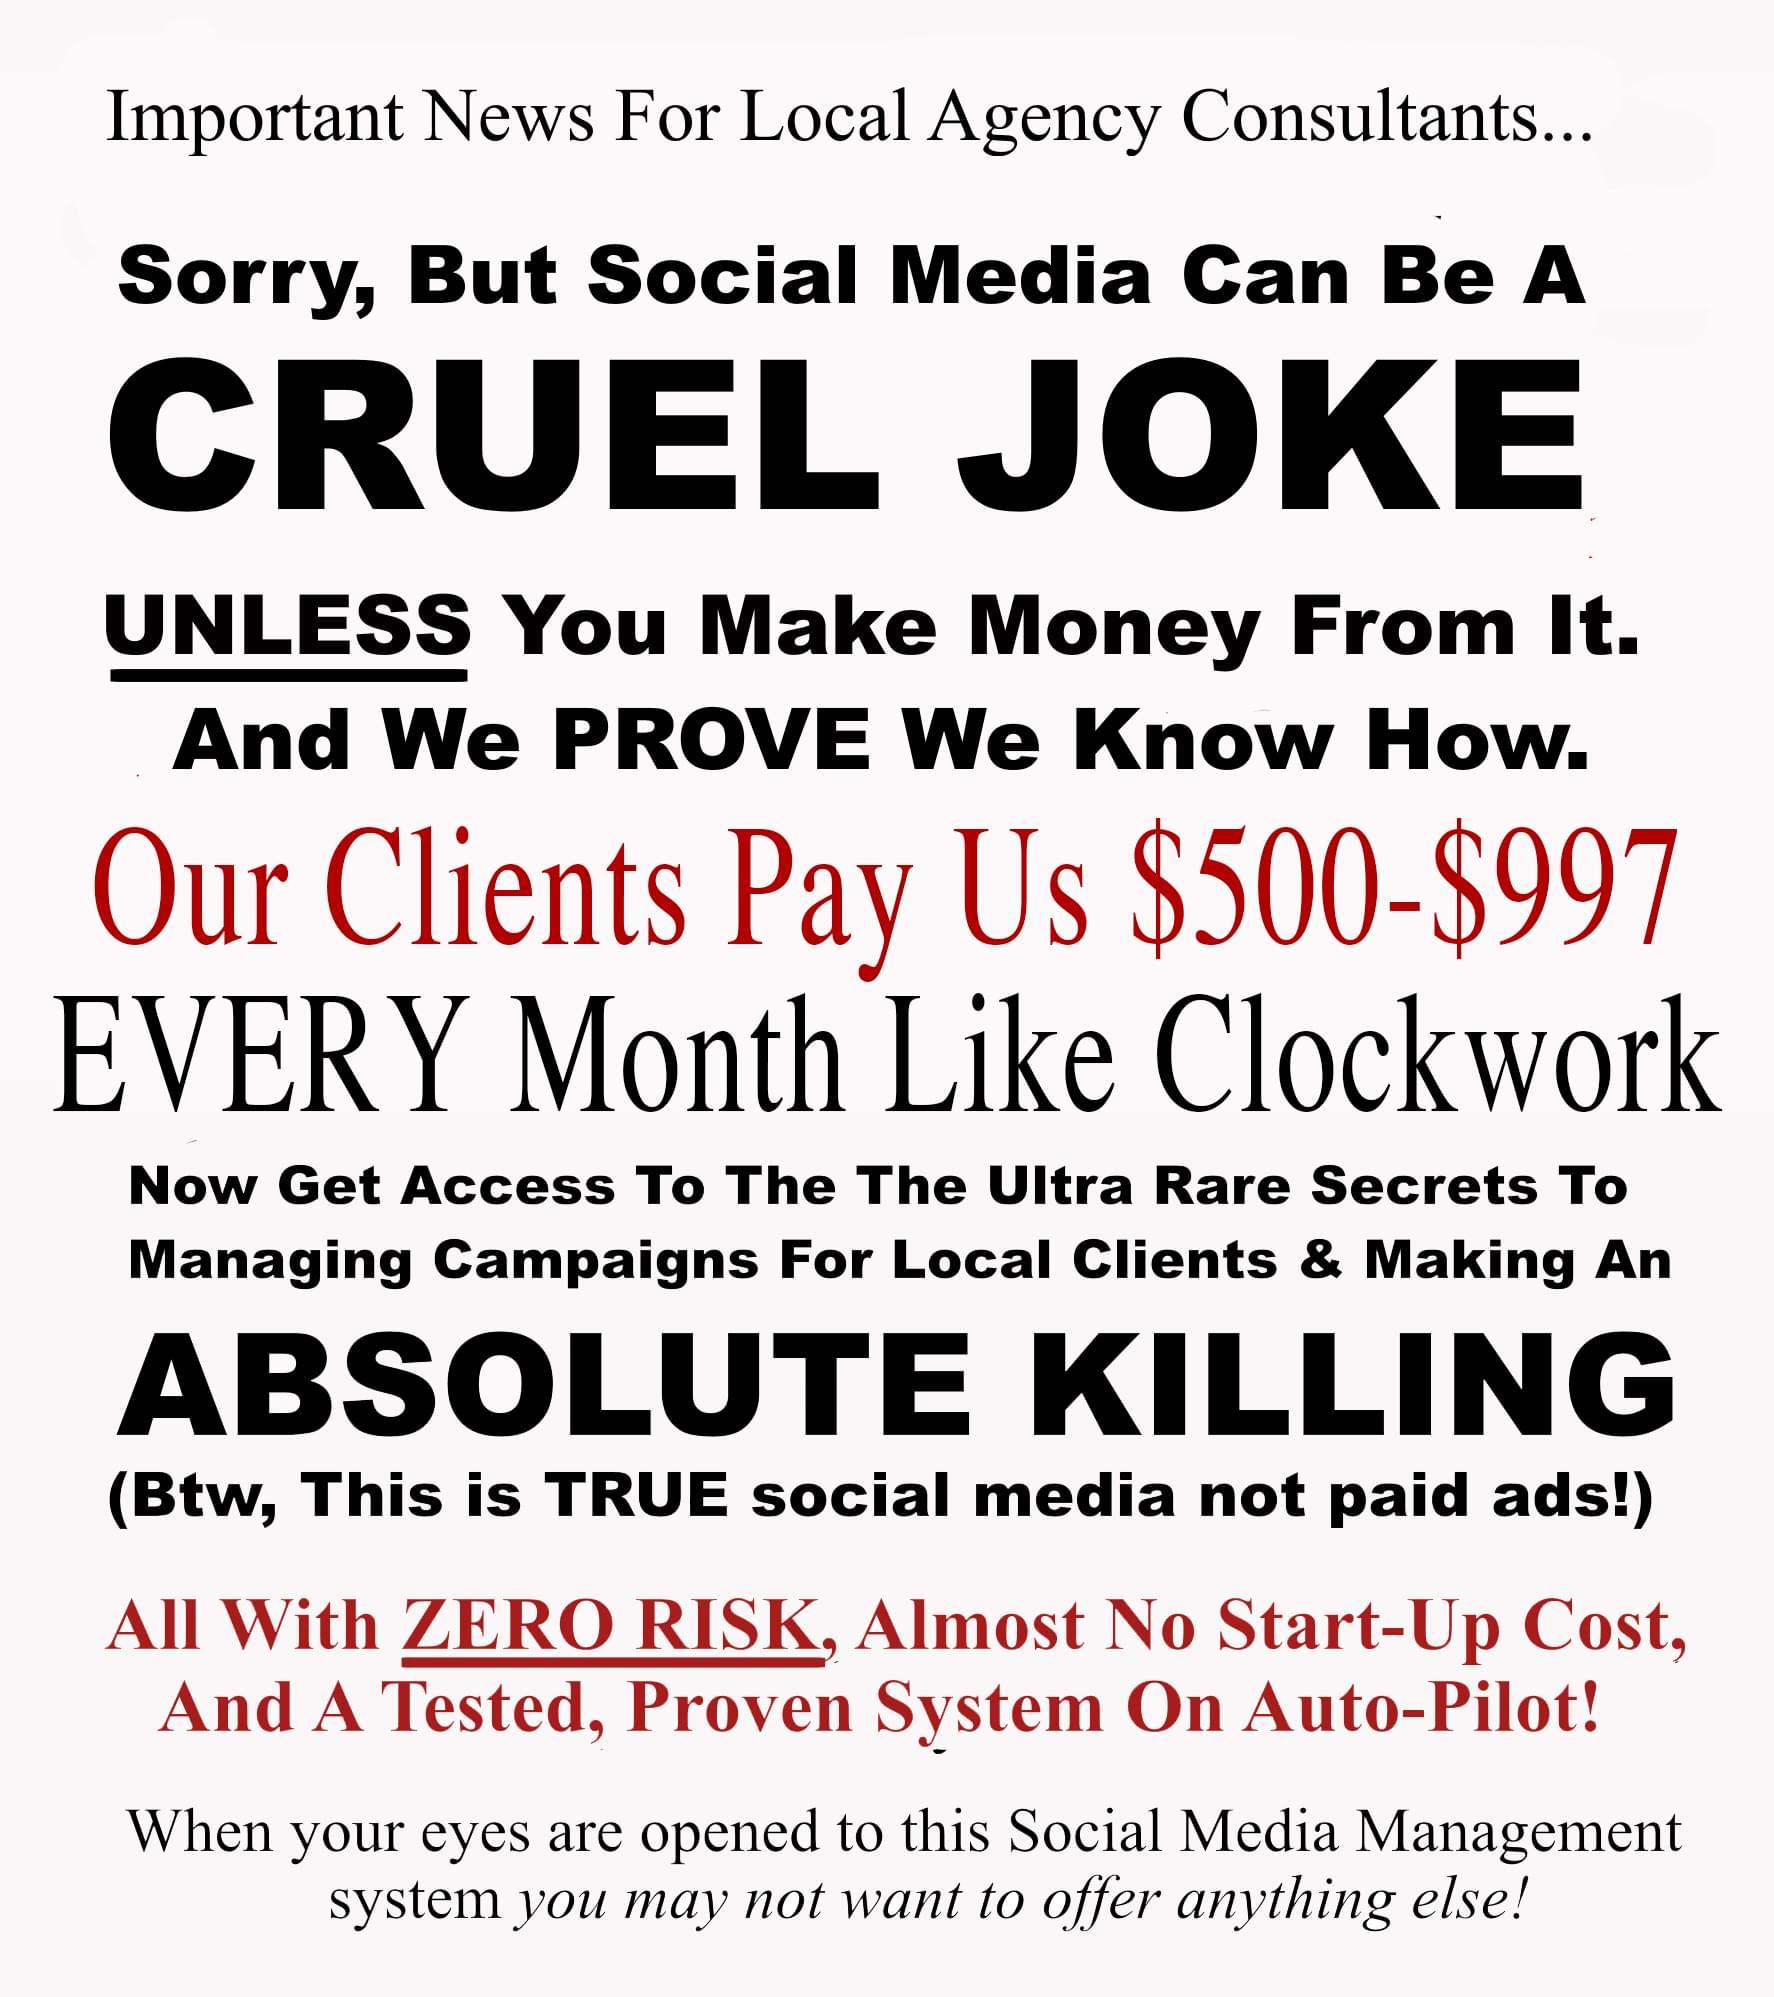 本地社交策略: Get access to the ultra rare secrets to managing campaigns for local clients & making an absolute killing.(Local Social Sumo)